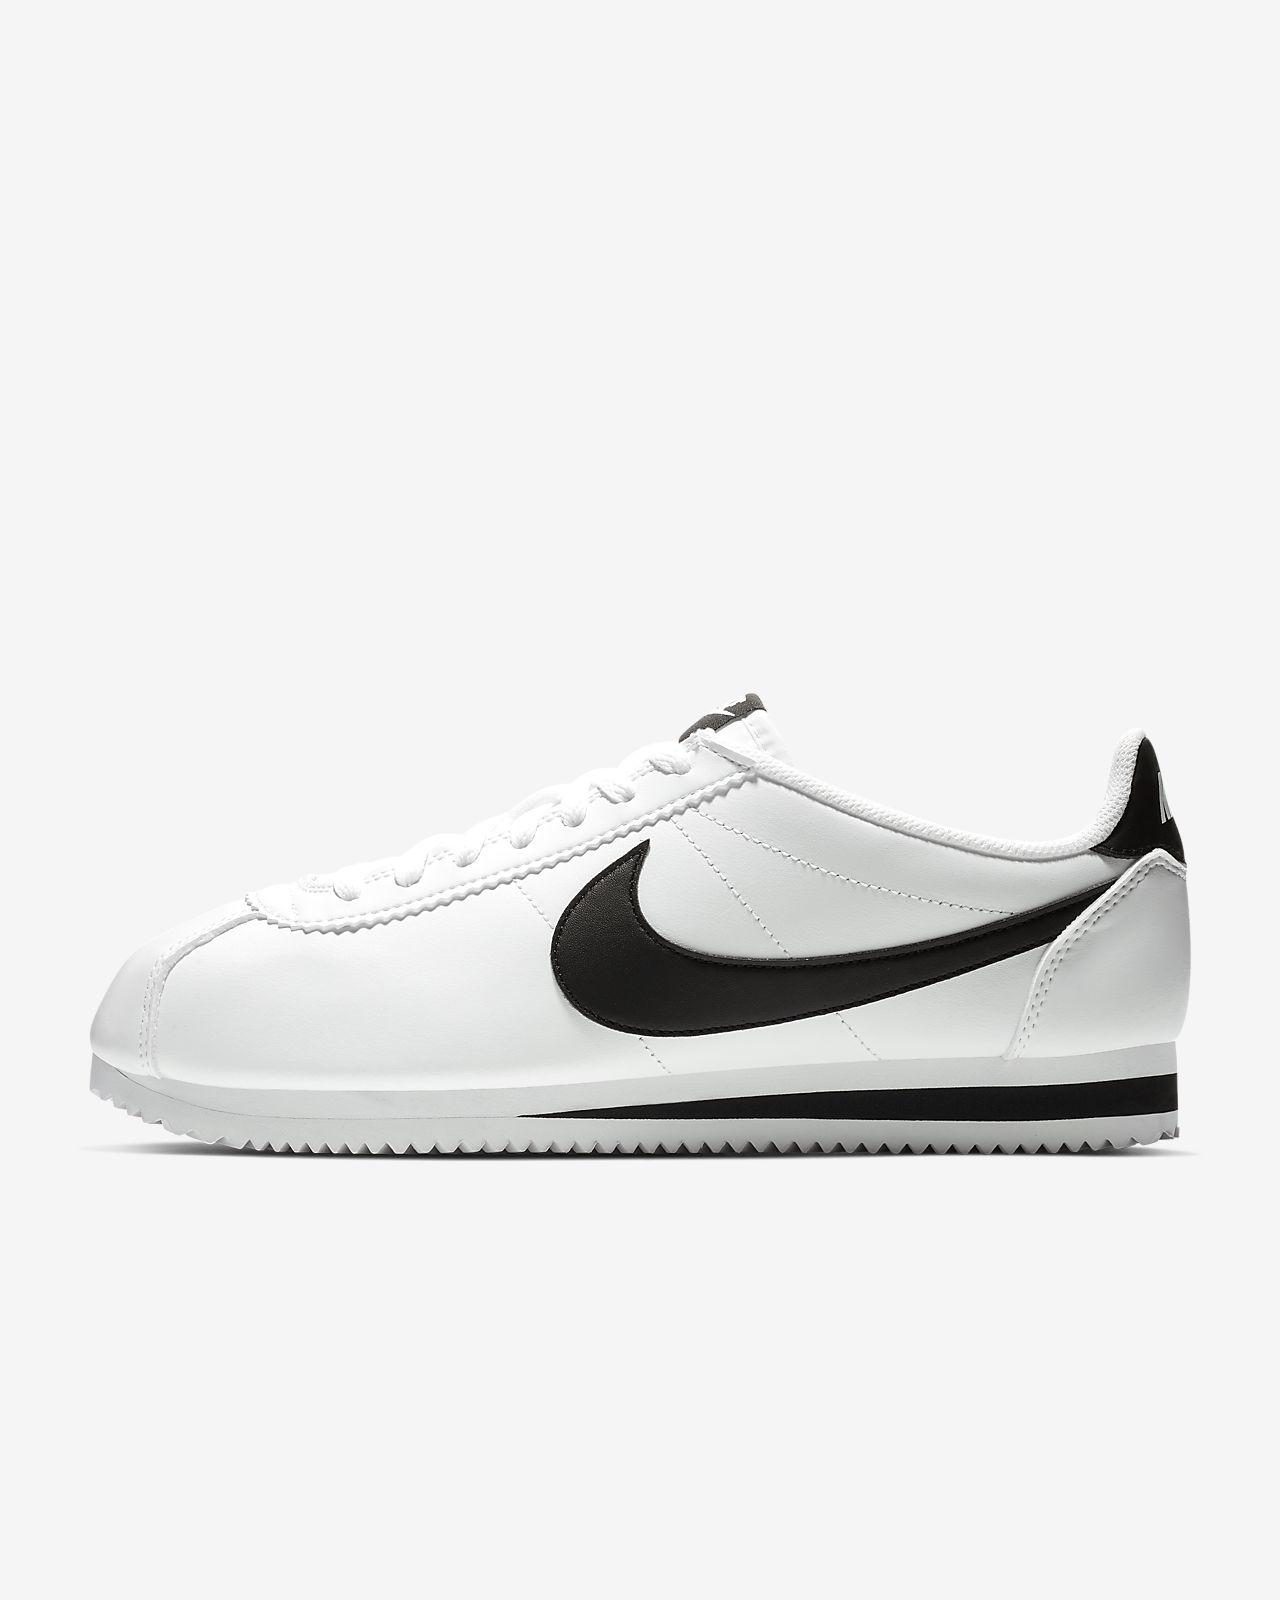 รองเท้าผู้หญิง Nike Classic Cortez